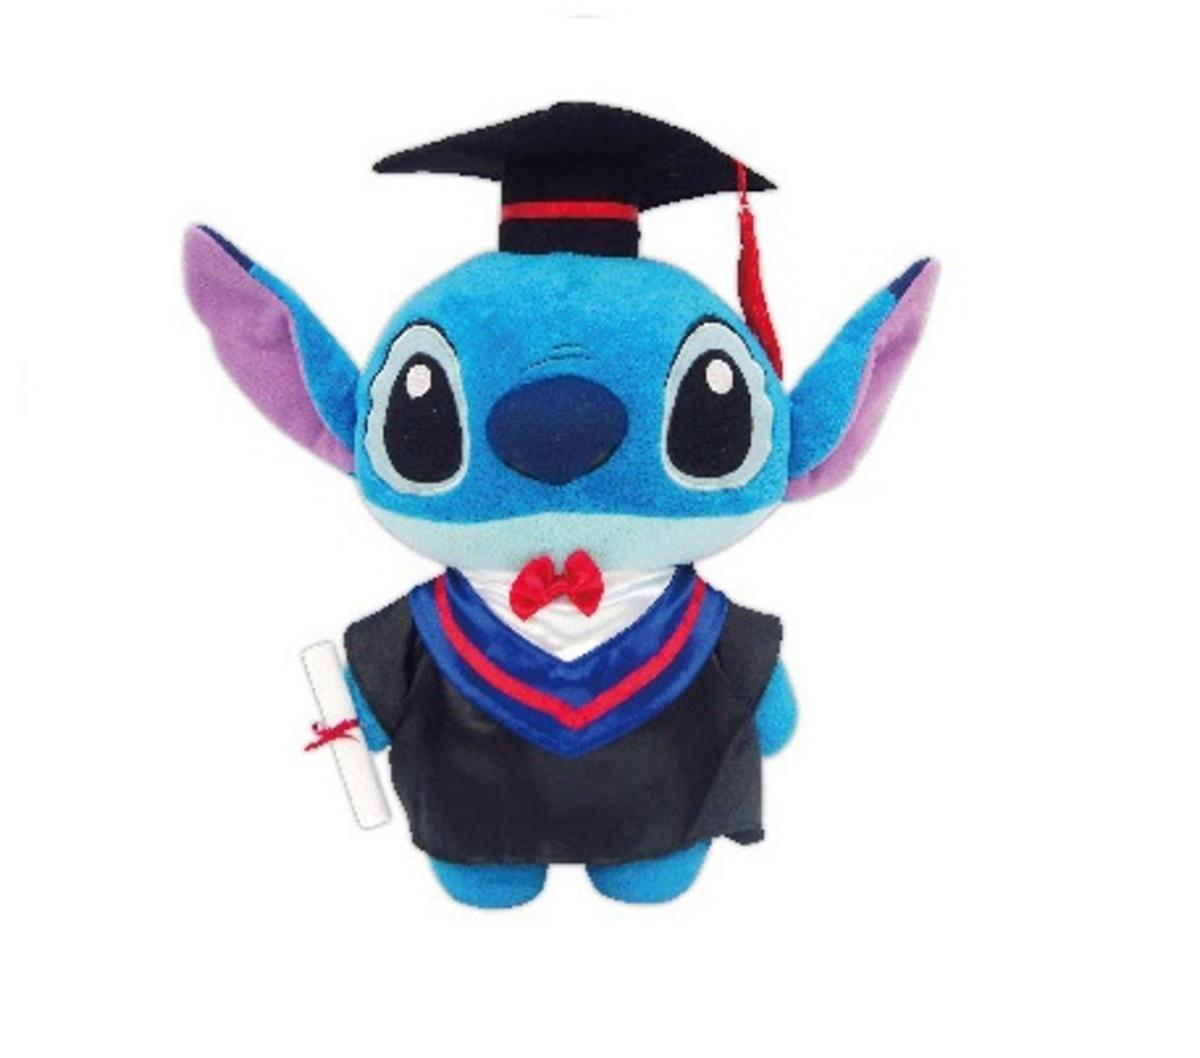 12Inch Stitch Graduation Plush Doll